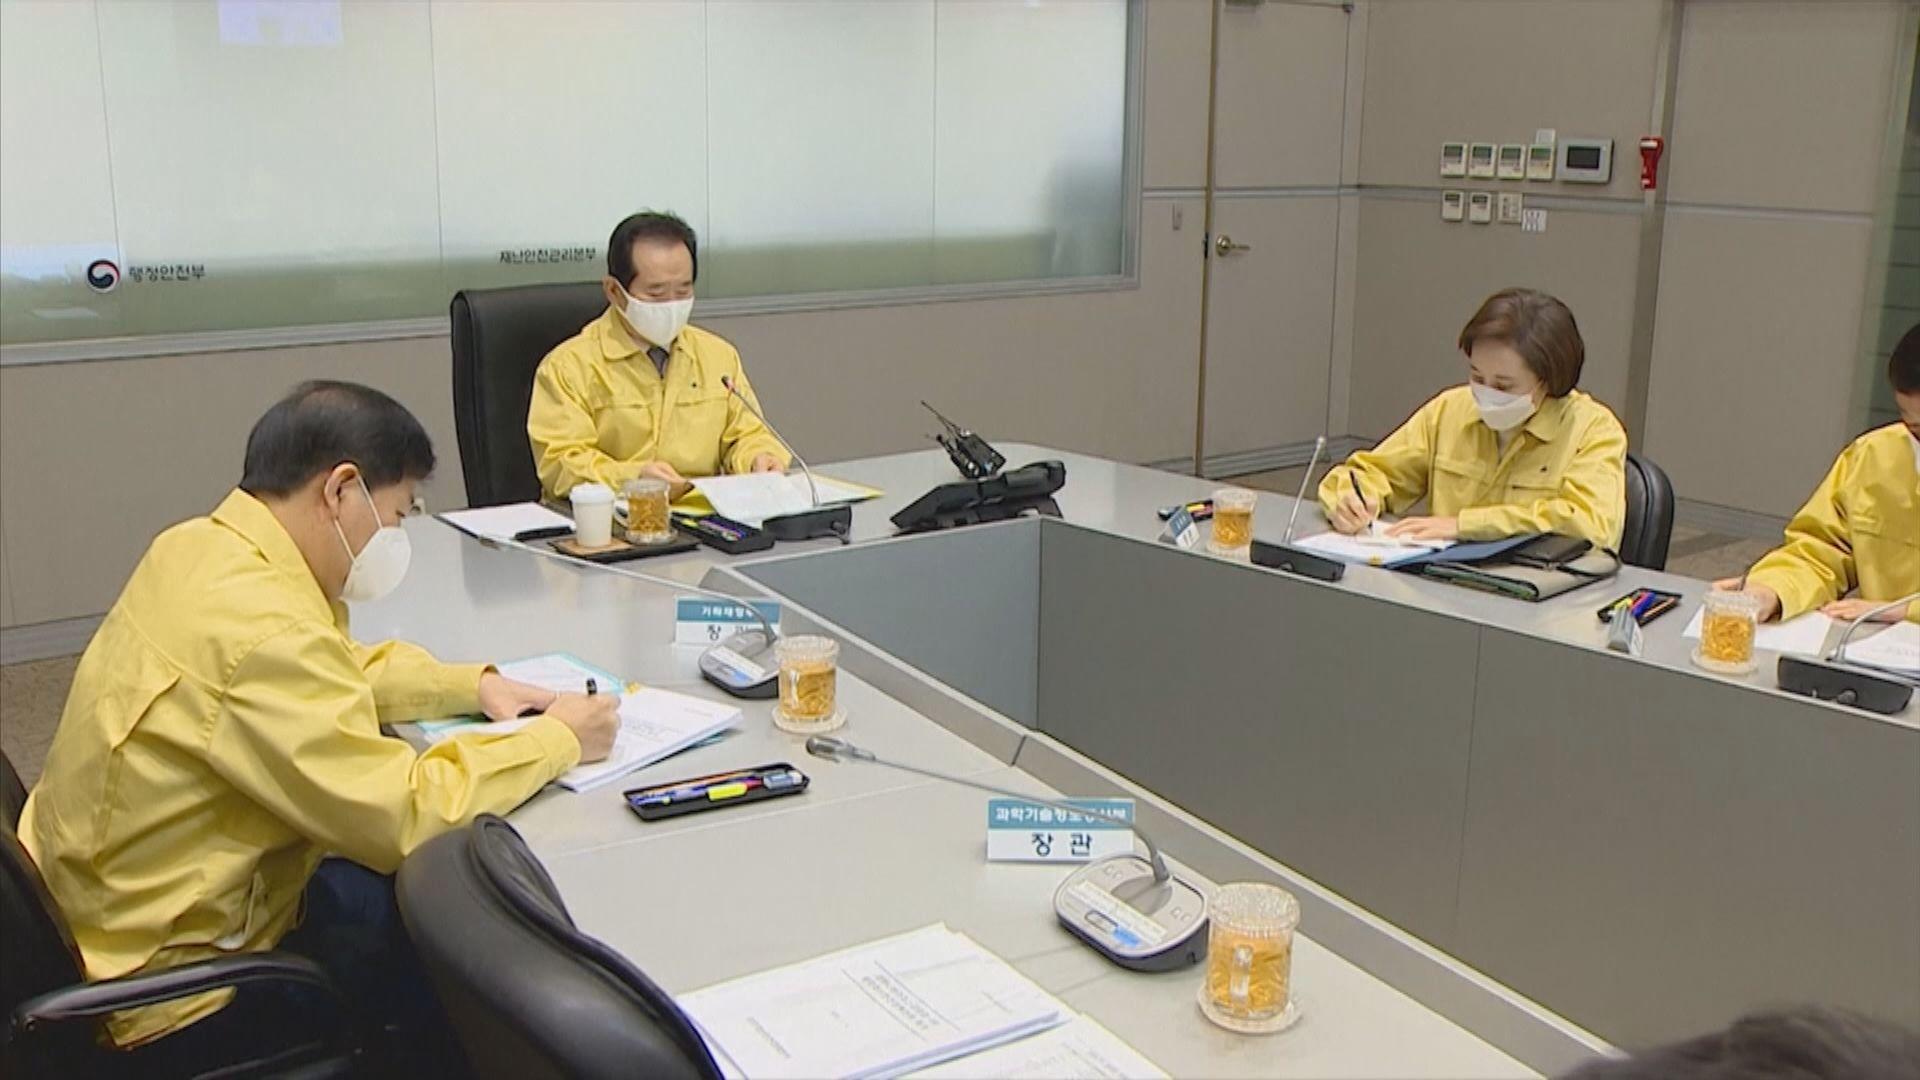 南韓總理促請日本政府立即撤回過分和不合理措施